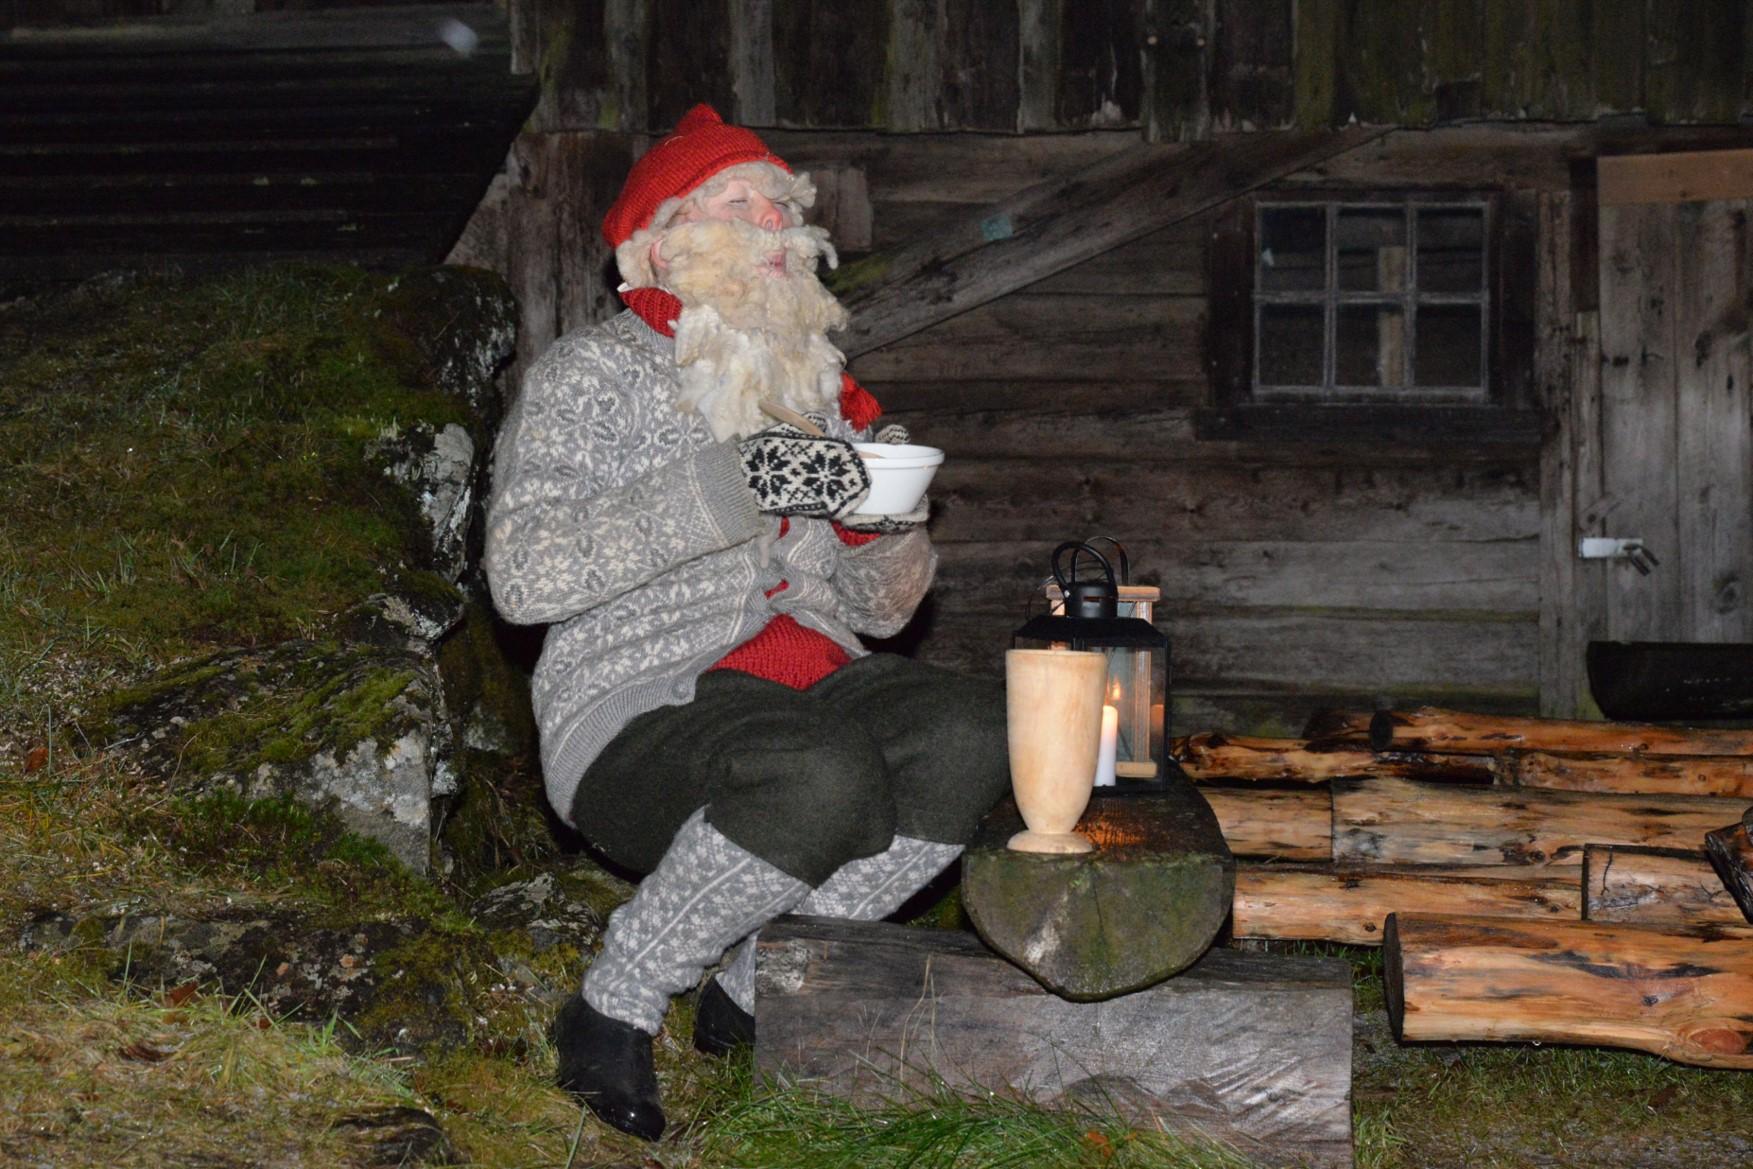 Person utkledd som julenisse i tradisjonell norsk drakt.